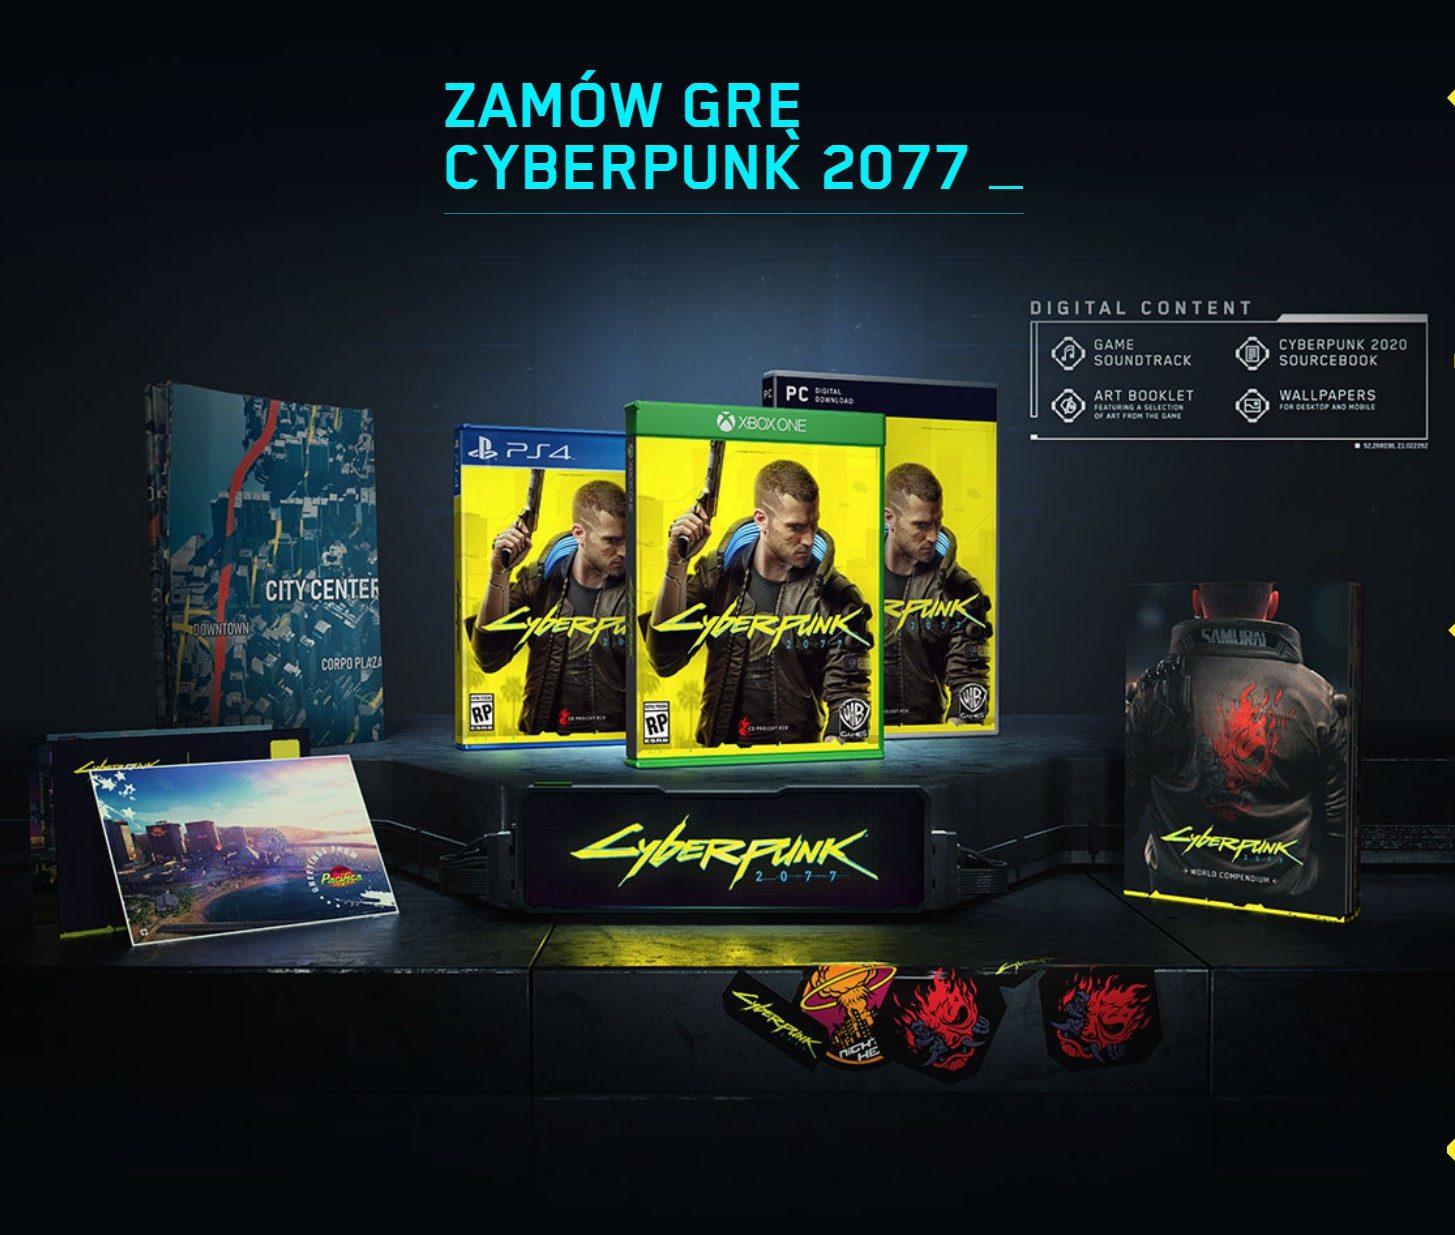 Cenega oficjalnym dystrybutorem Cyberpunk 2077 w Polsce